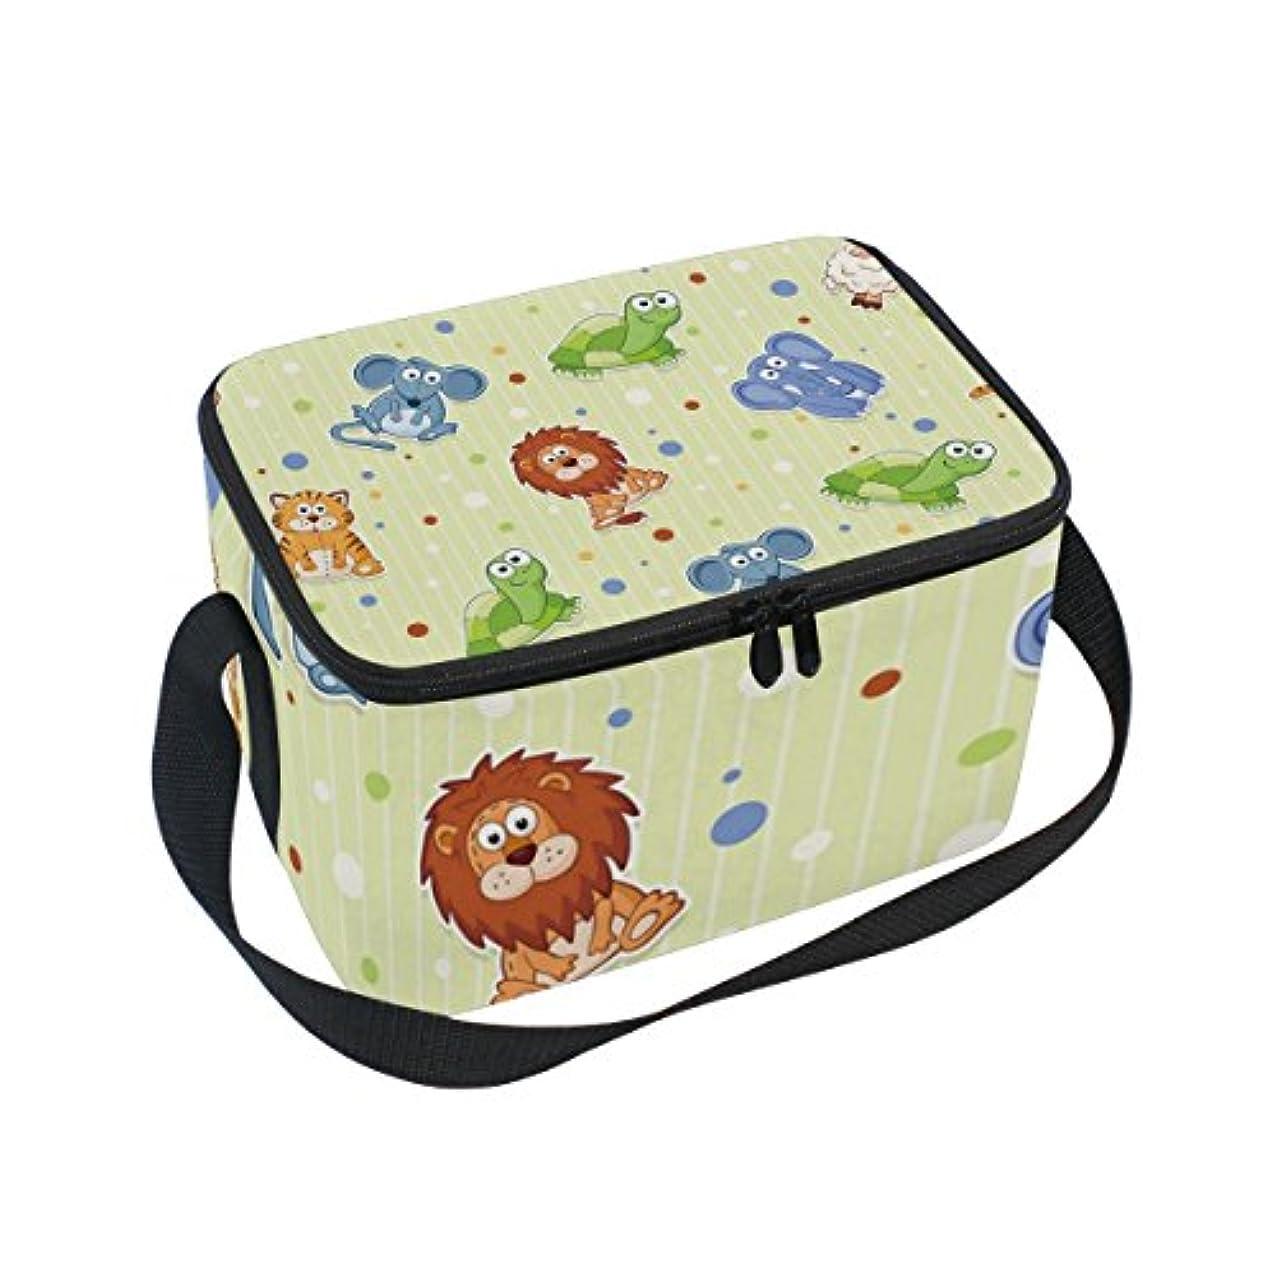 素晴らしさ非難する端末クーラーバッグ クーラーボックス ソフトクーラ 冷蔵ボックス キャンプ用品  象 ライオン 動物たち 保冷保温 大容量 肩掛け お花見 アウトドア